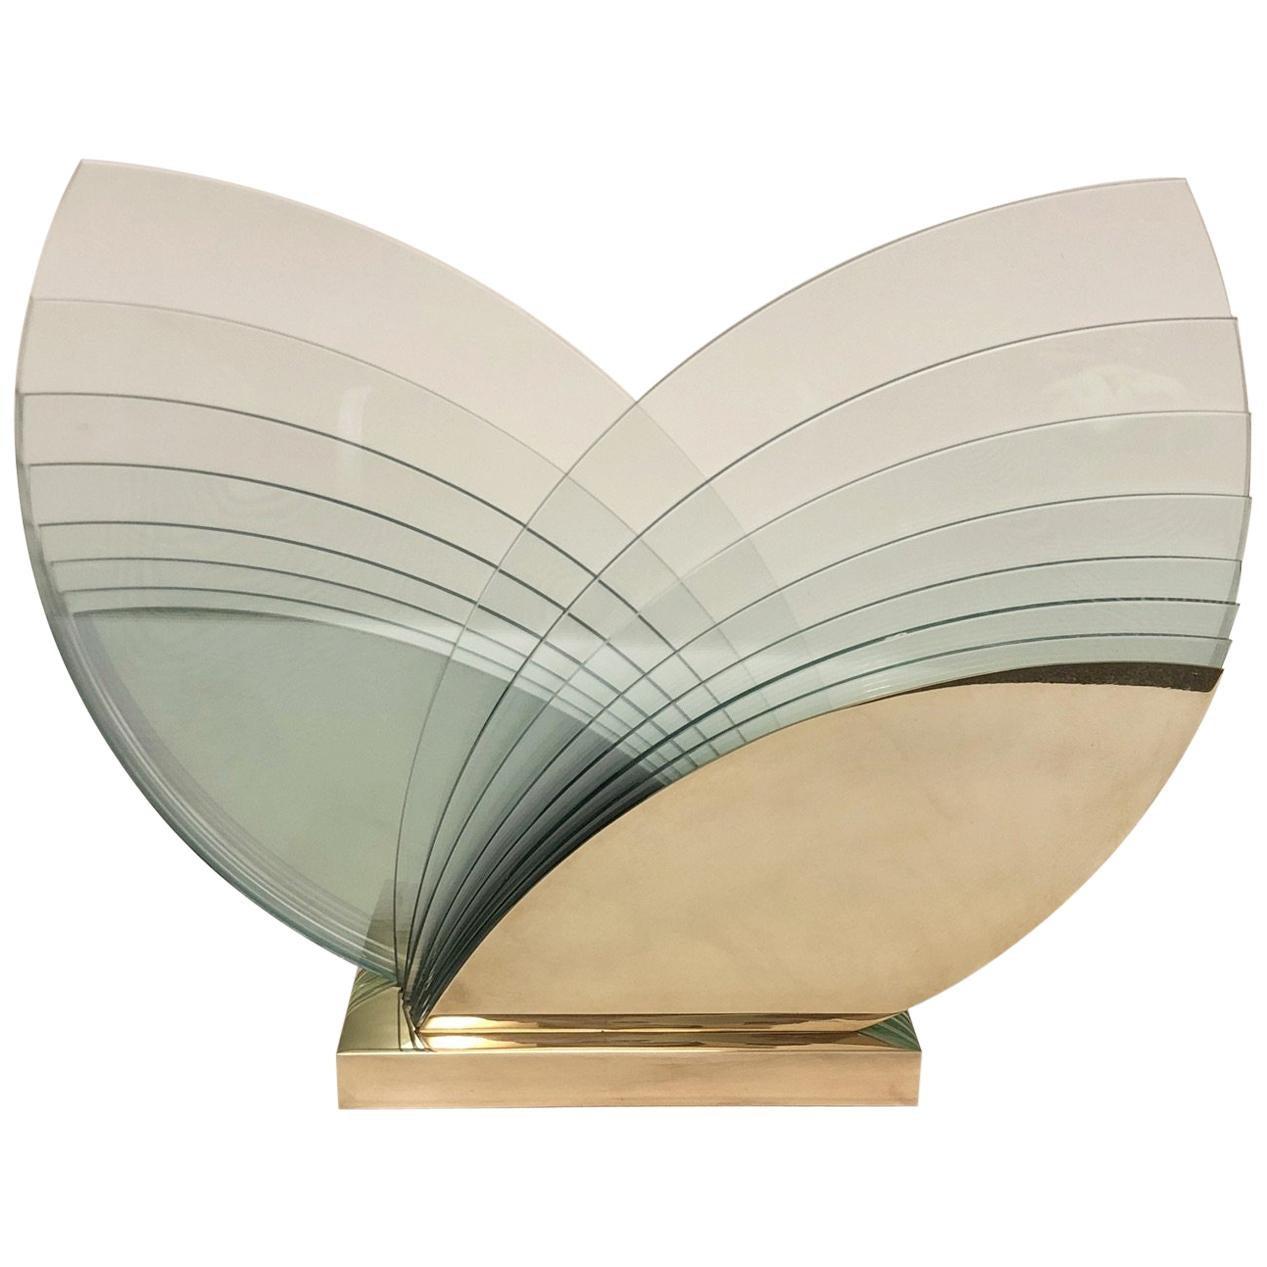 Brass and Glass Sculpture by Runstadler Studios